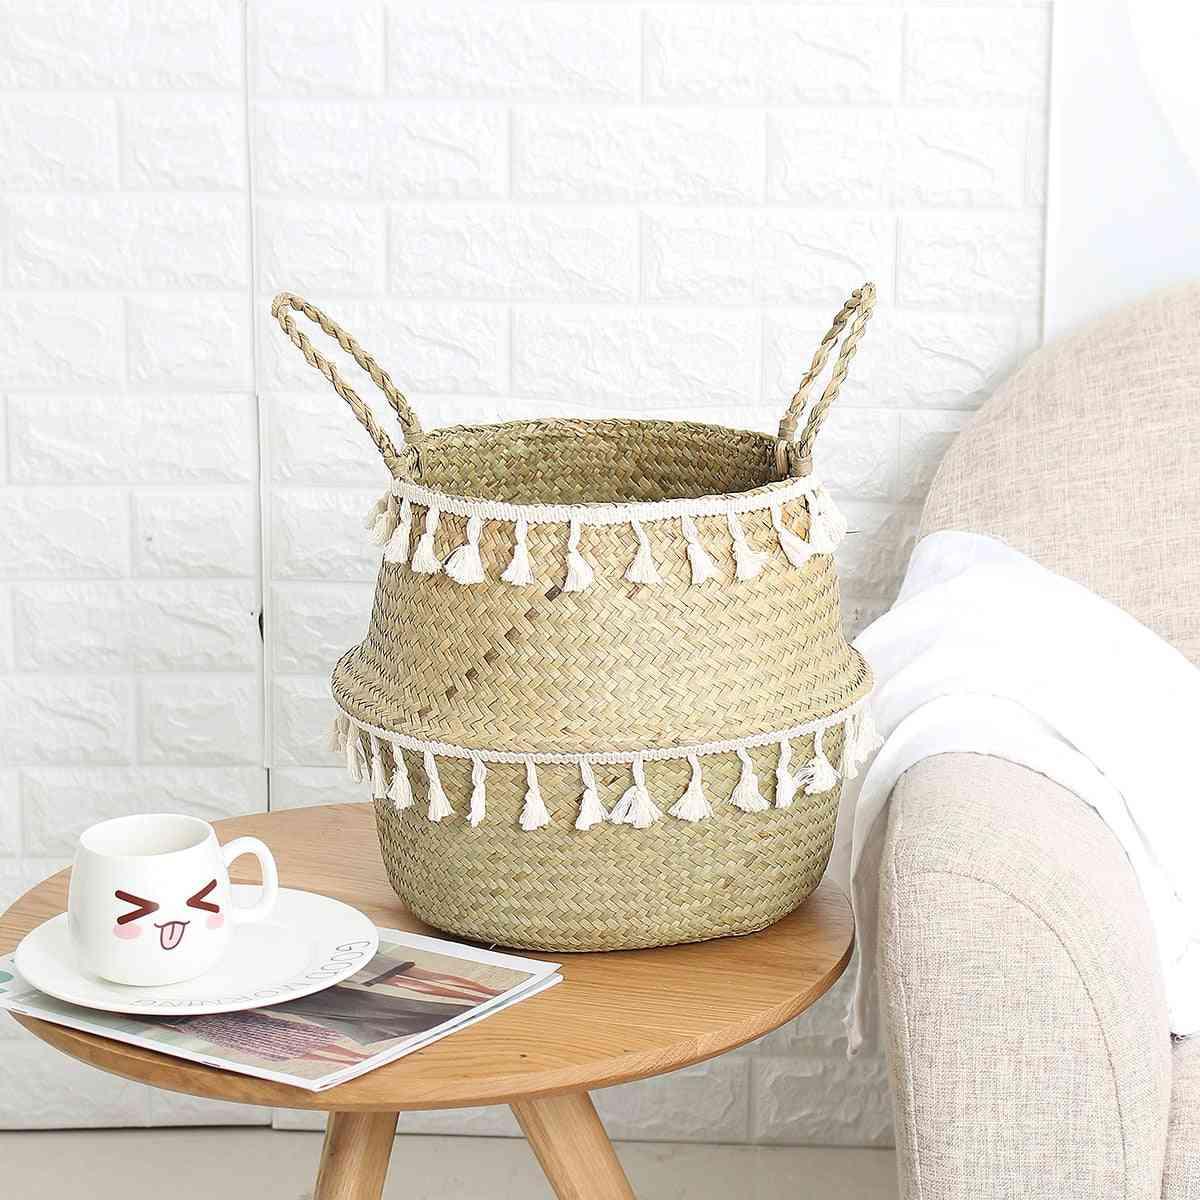 Tassel Design Handmade Bamboo Storage Baskets - Garden Flower Pot, Laundry Basket Container, Toy Holder